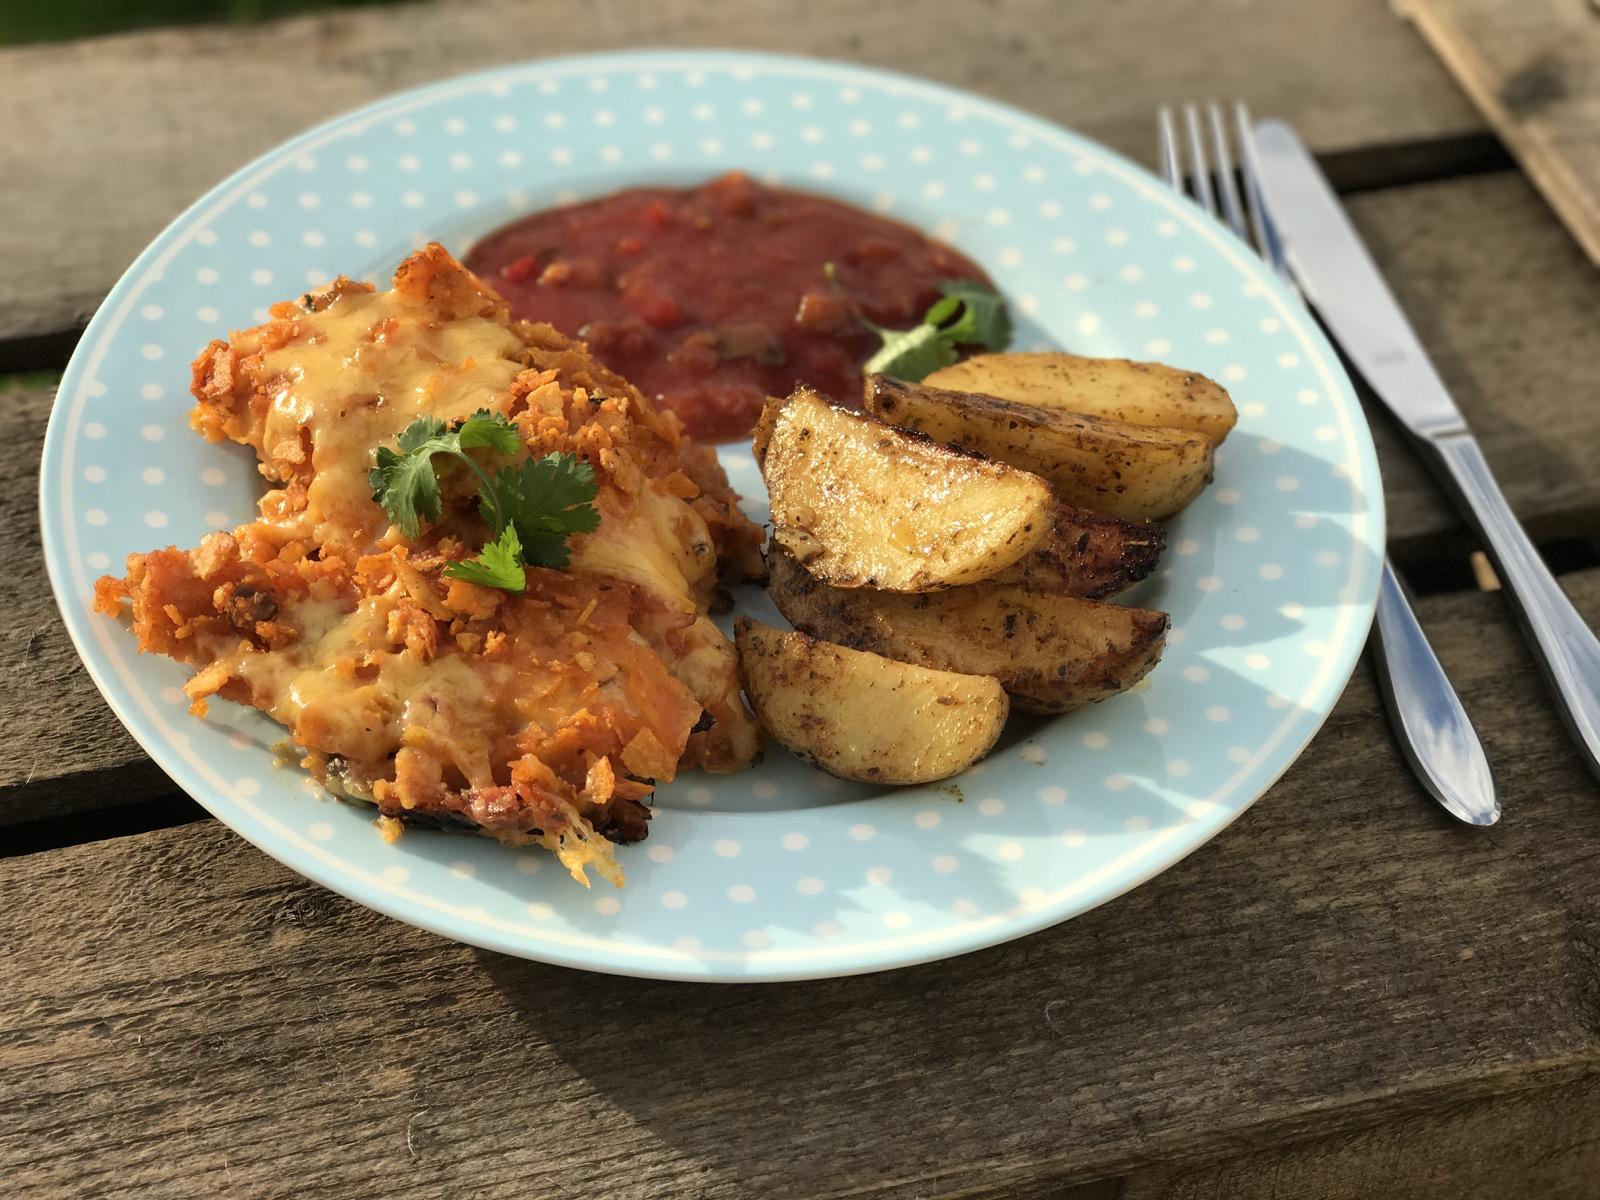 Outdoor Küchen Rezepte : Outdoor küche camping rezepte rezept pad thai im dutch oven matsch